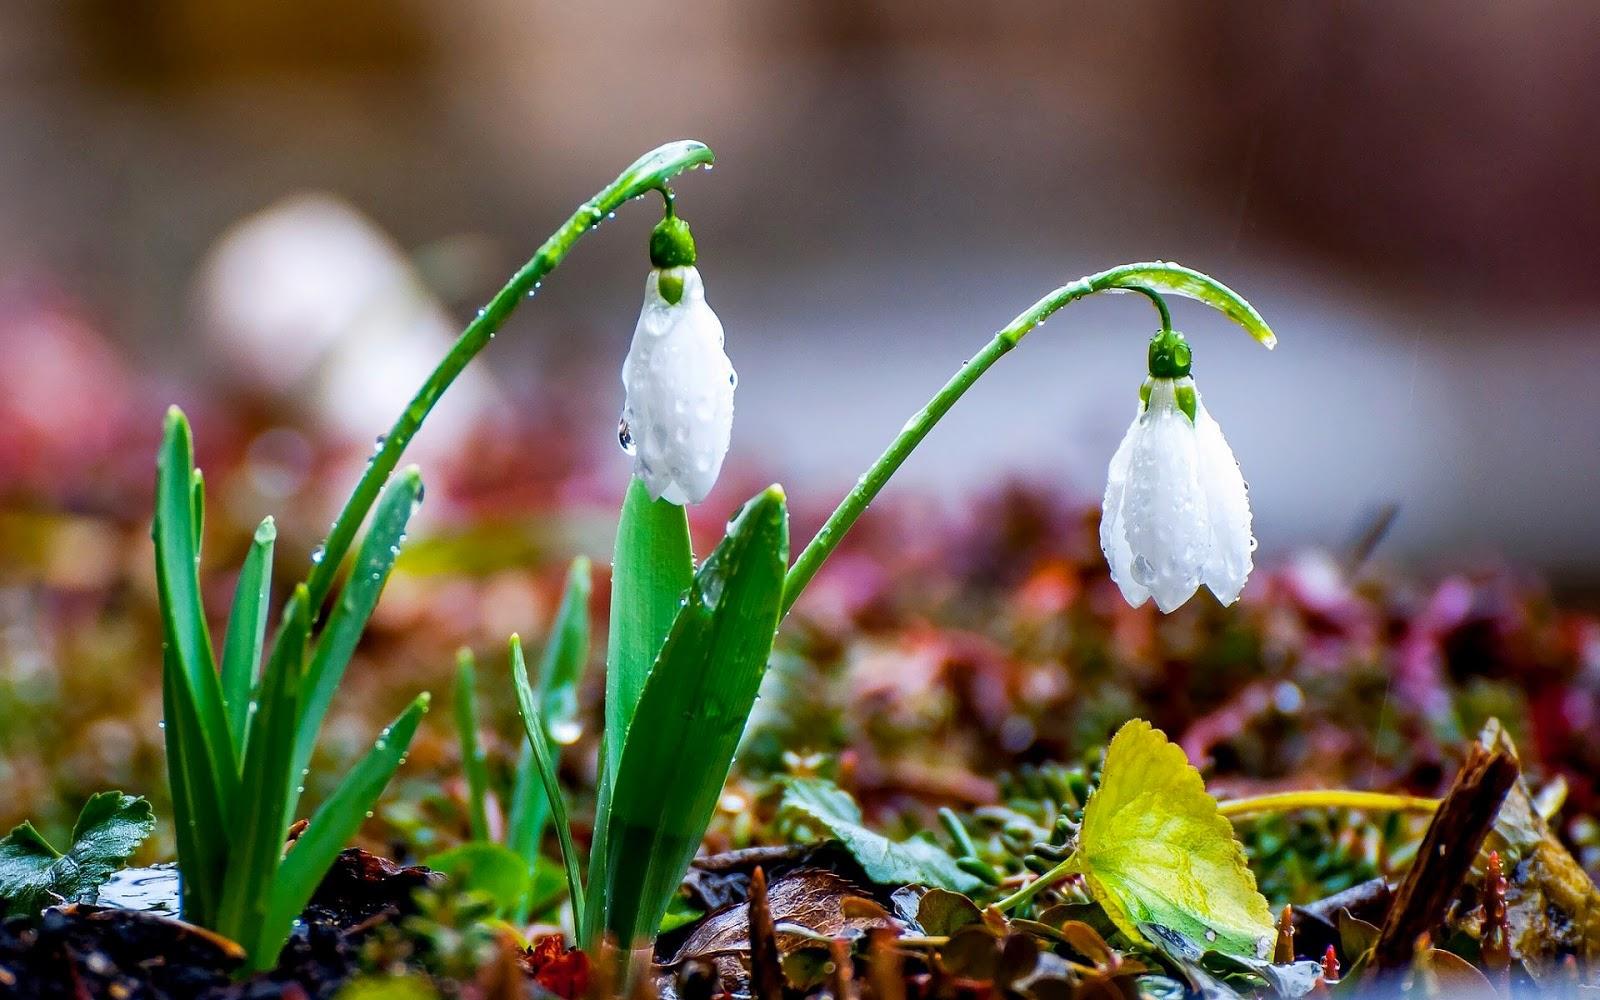 lente achtergronden hd - photo #38